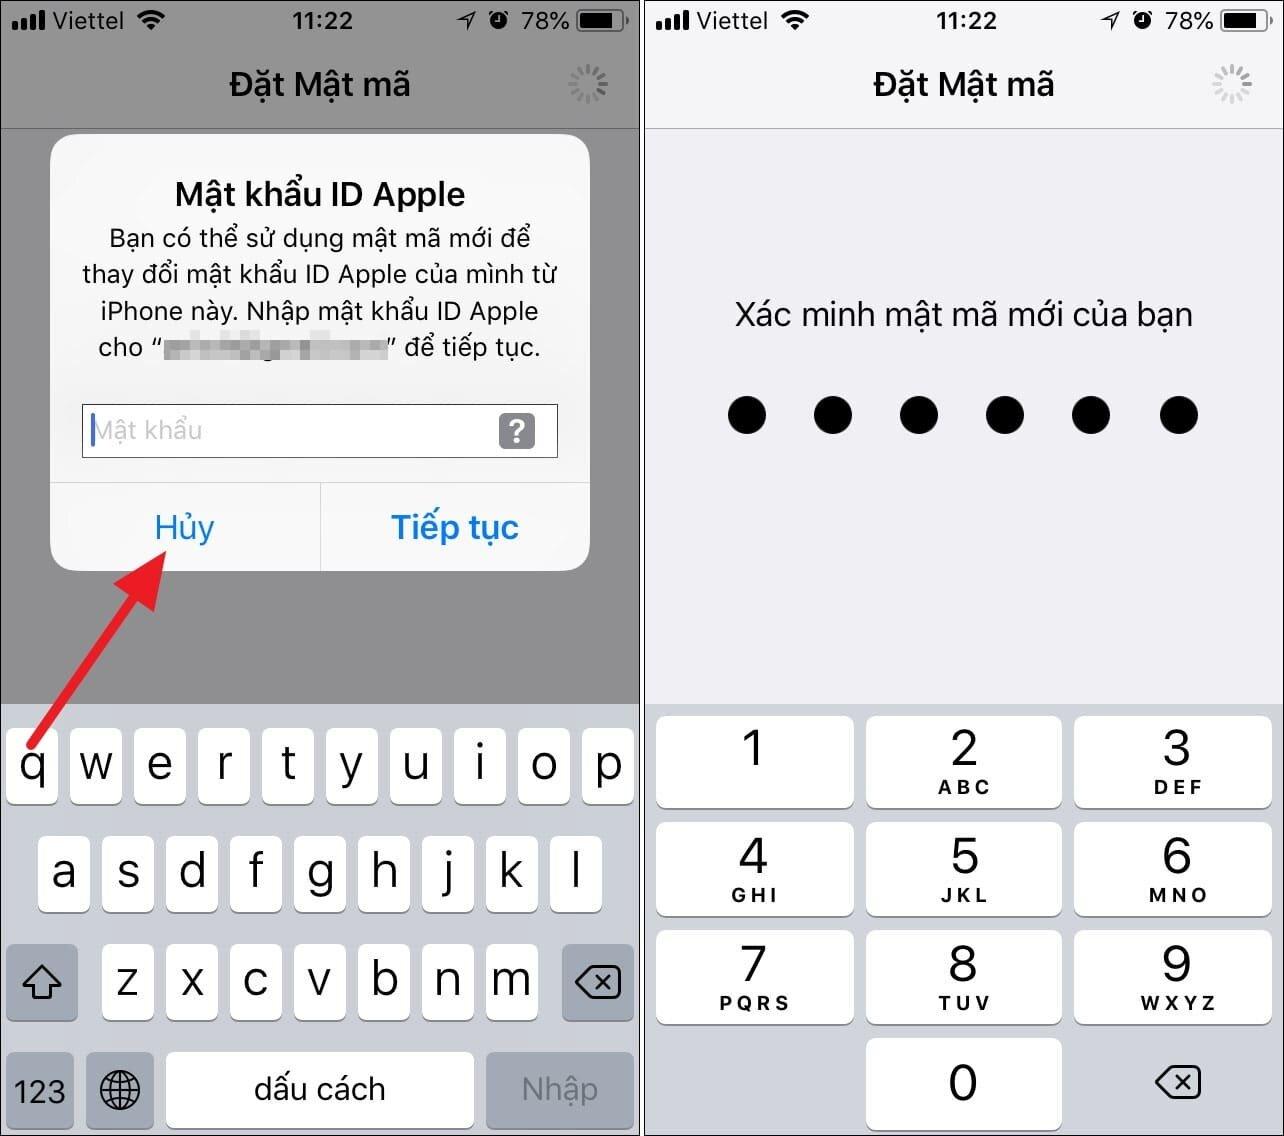 Trường hợp iPhone yêu cầu đổi mật khẩu máy